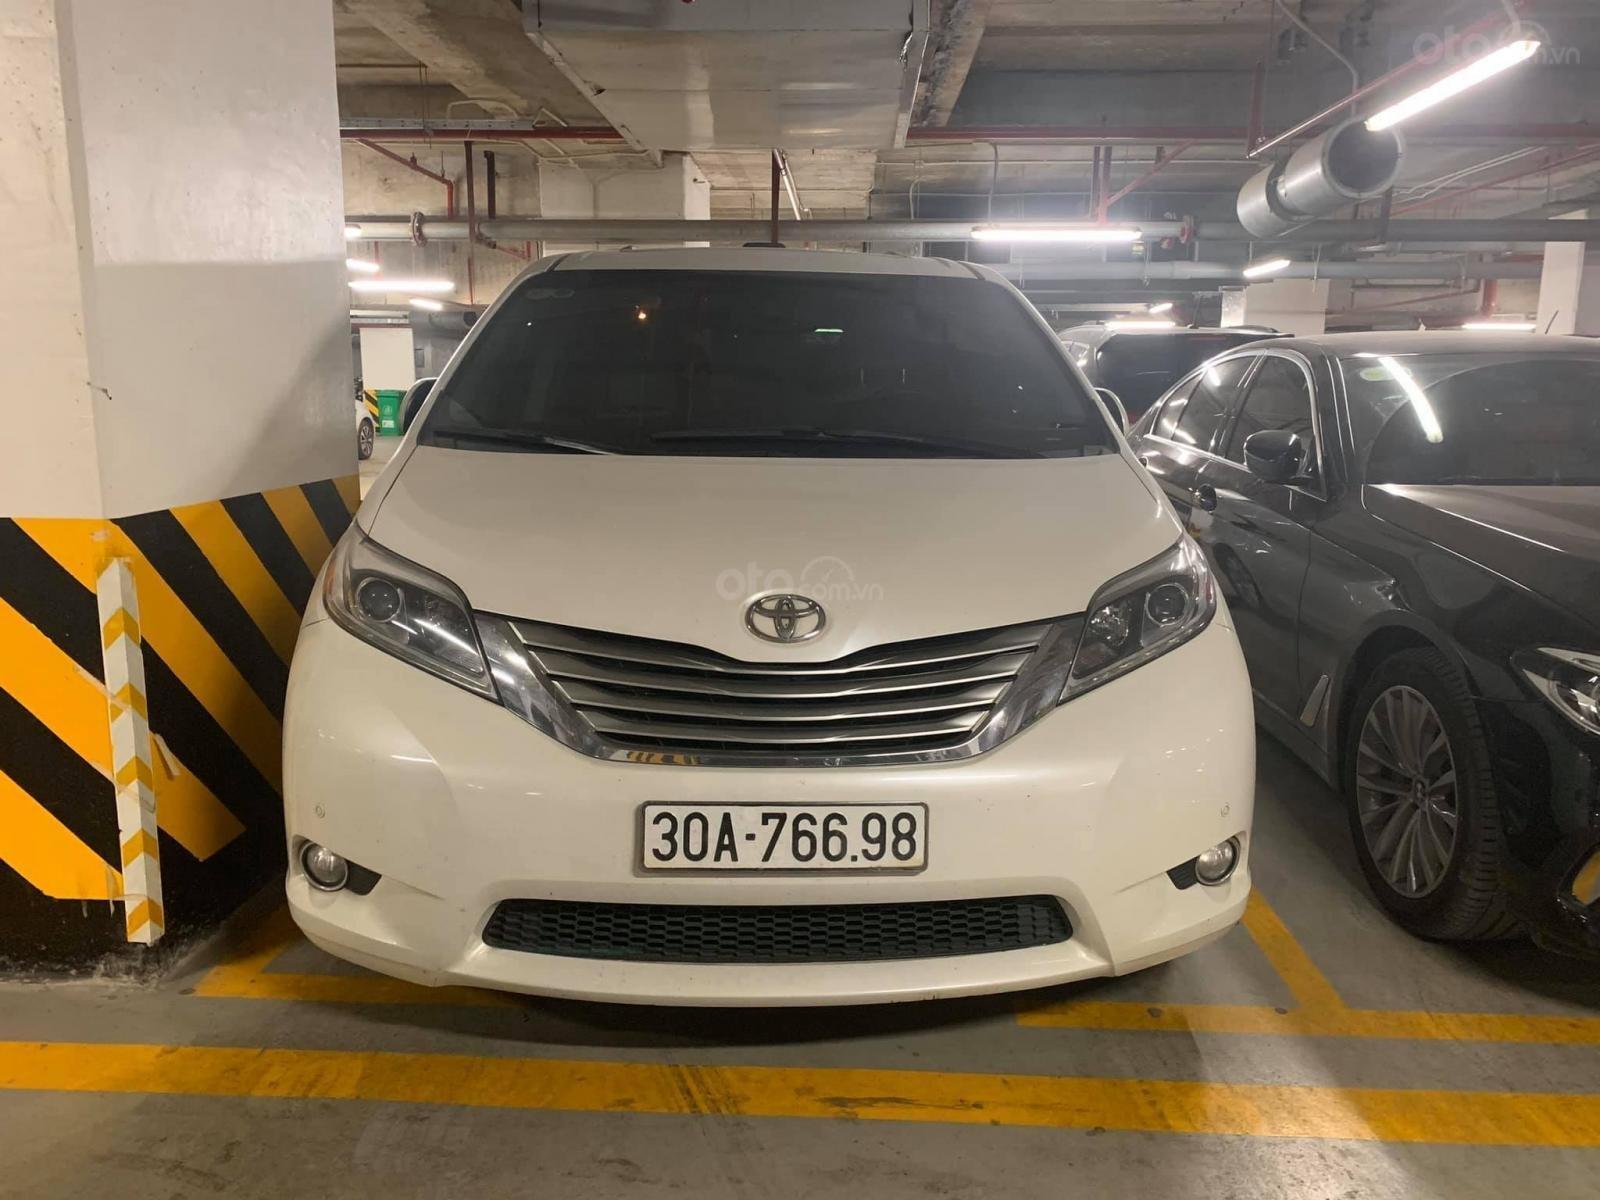 Bán ô tô Toyota Sienna LTD năm 2015, màu trắng, xe nhập (1)